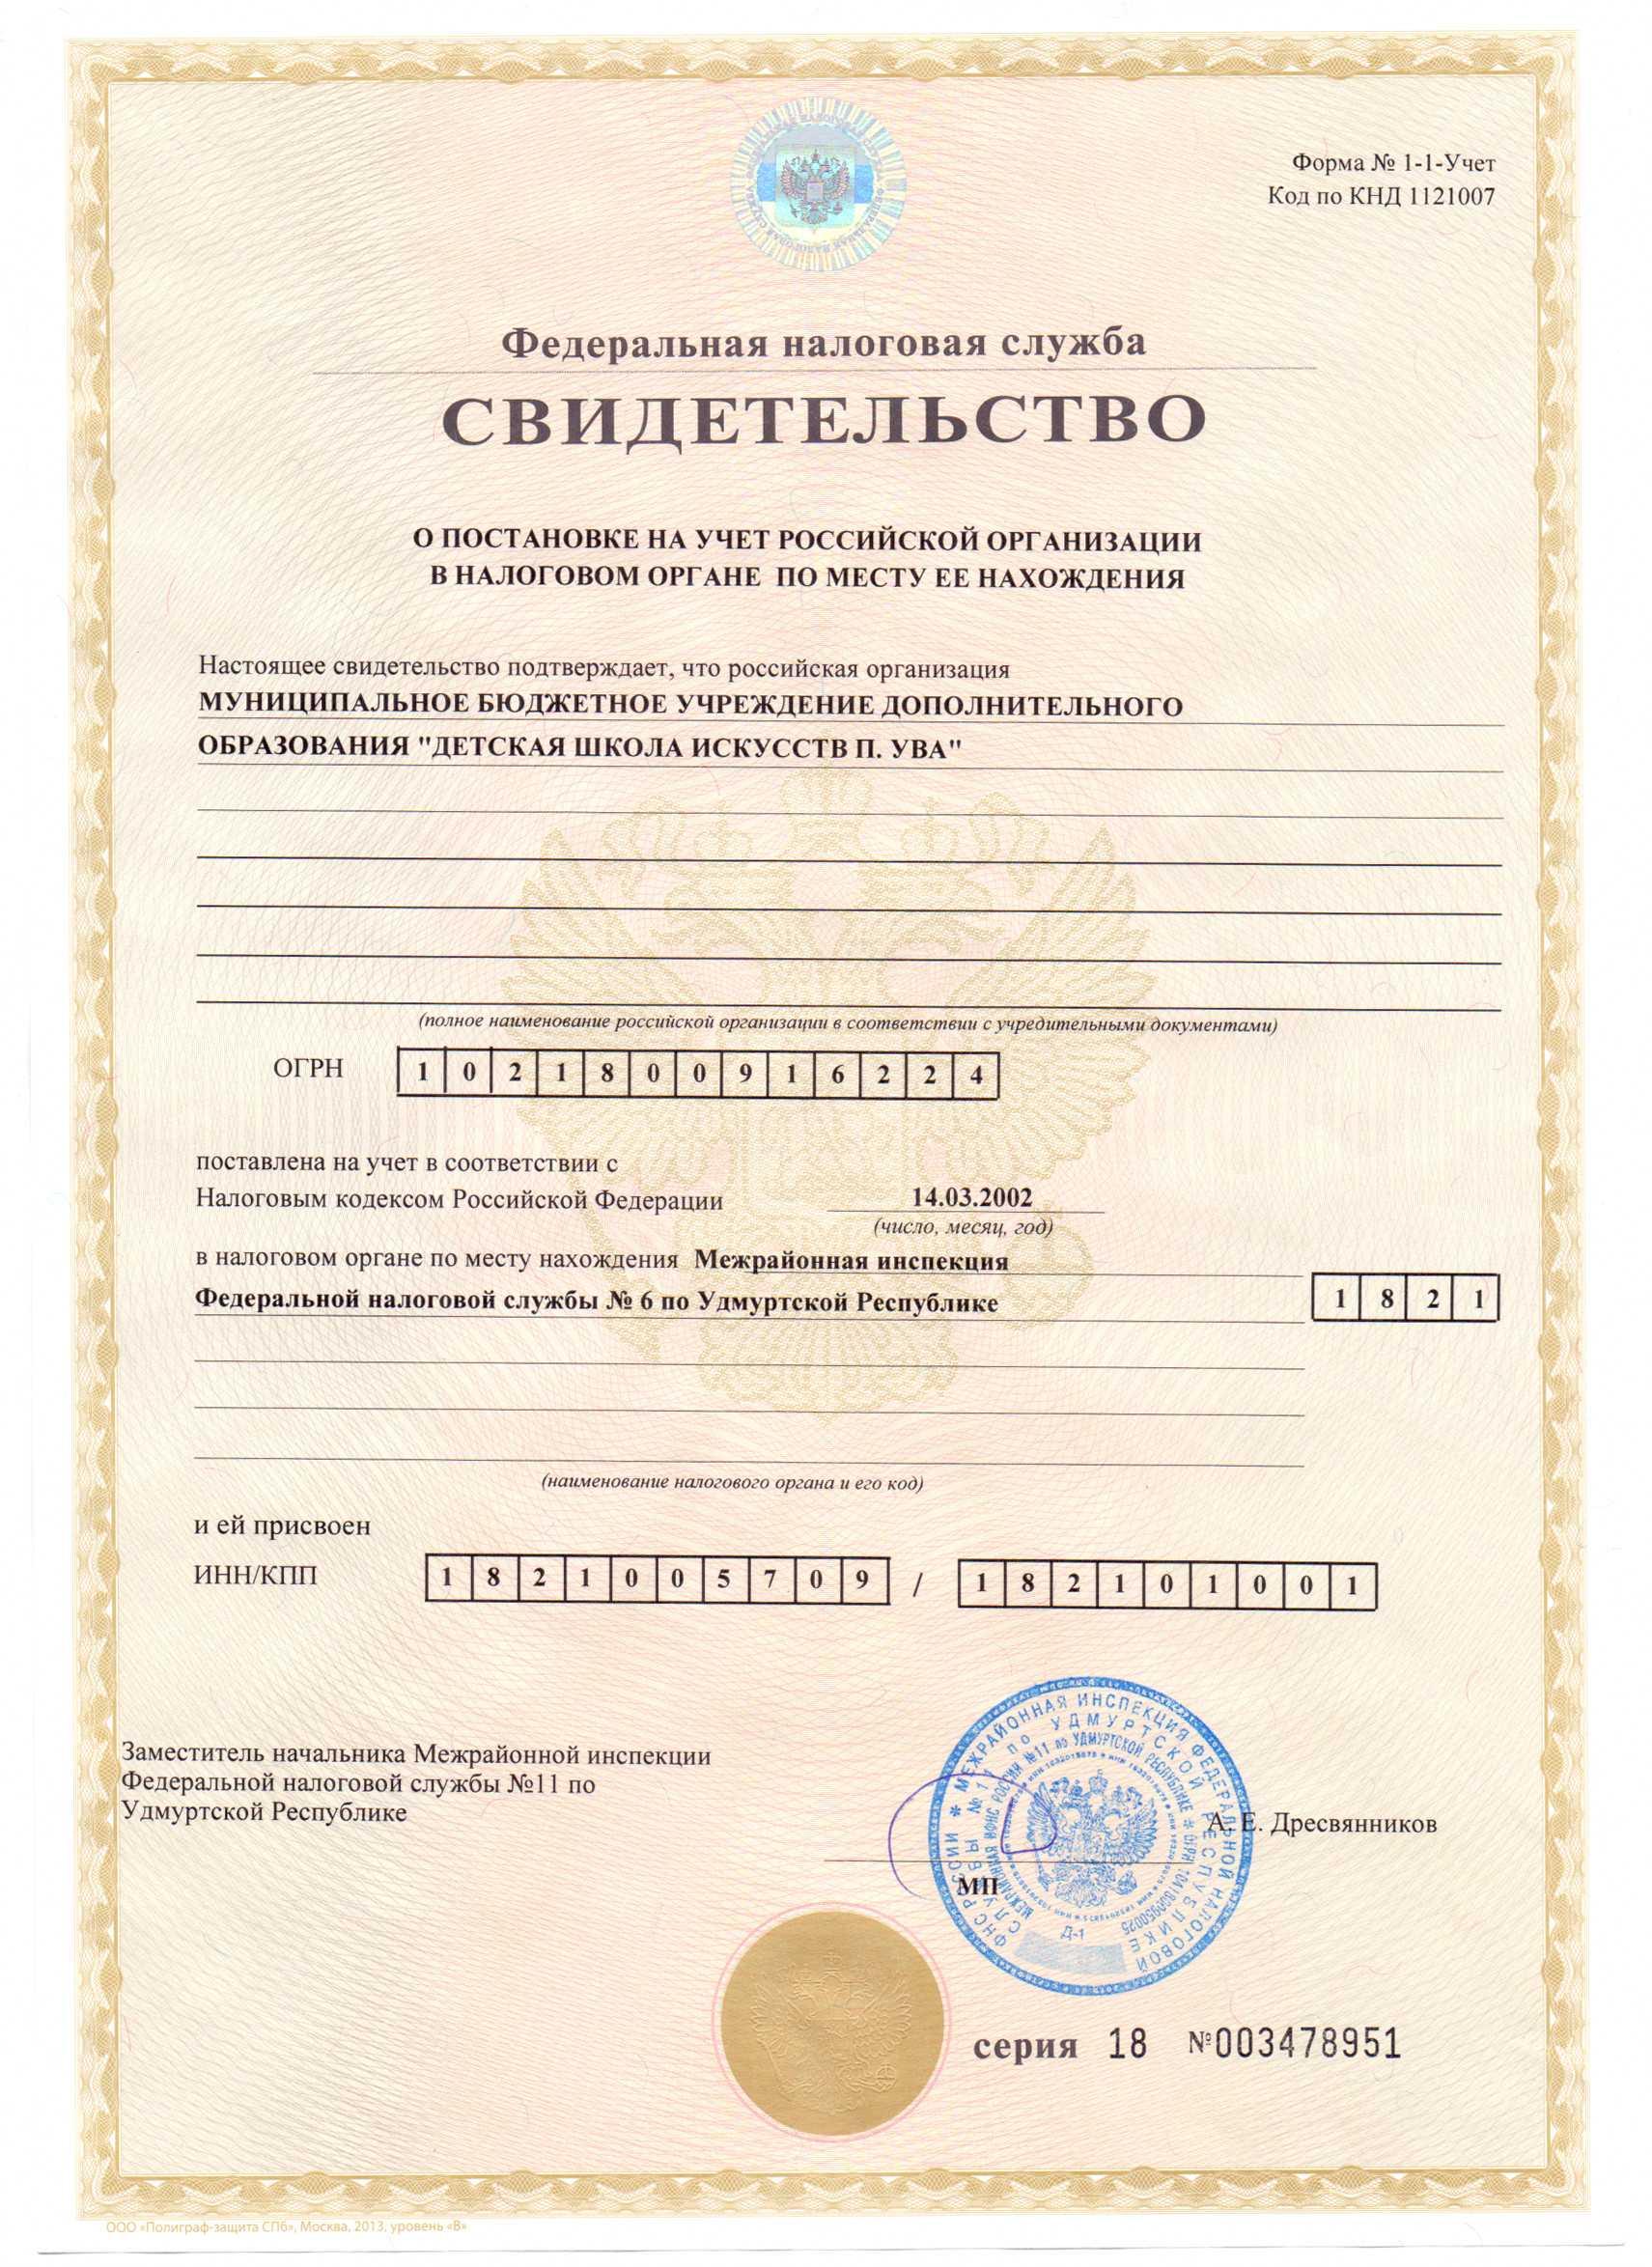 Ooo & quot; latteria1963 & quot;, Moskva (Kro 7707426678, ogrn 1197746080190)